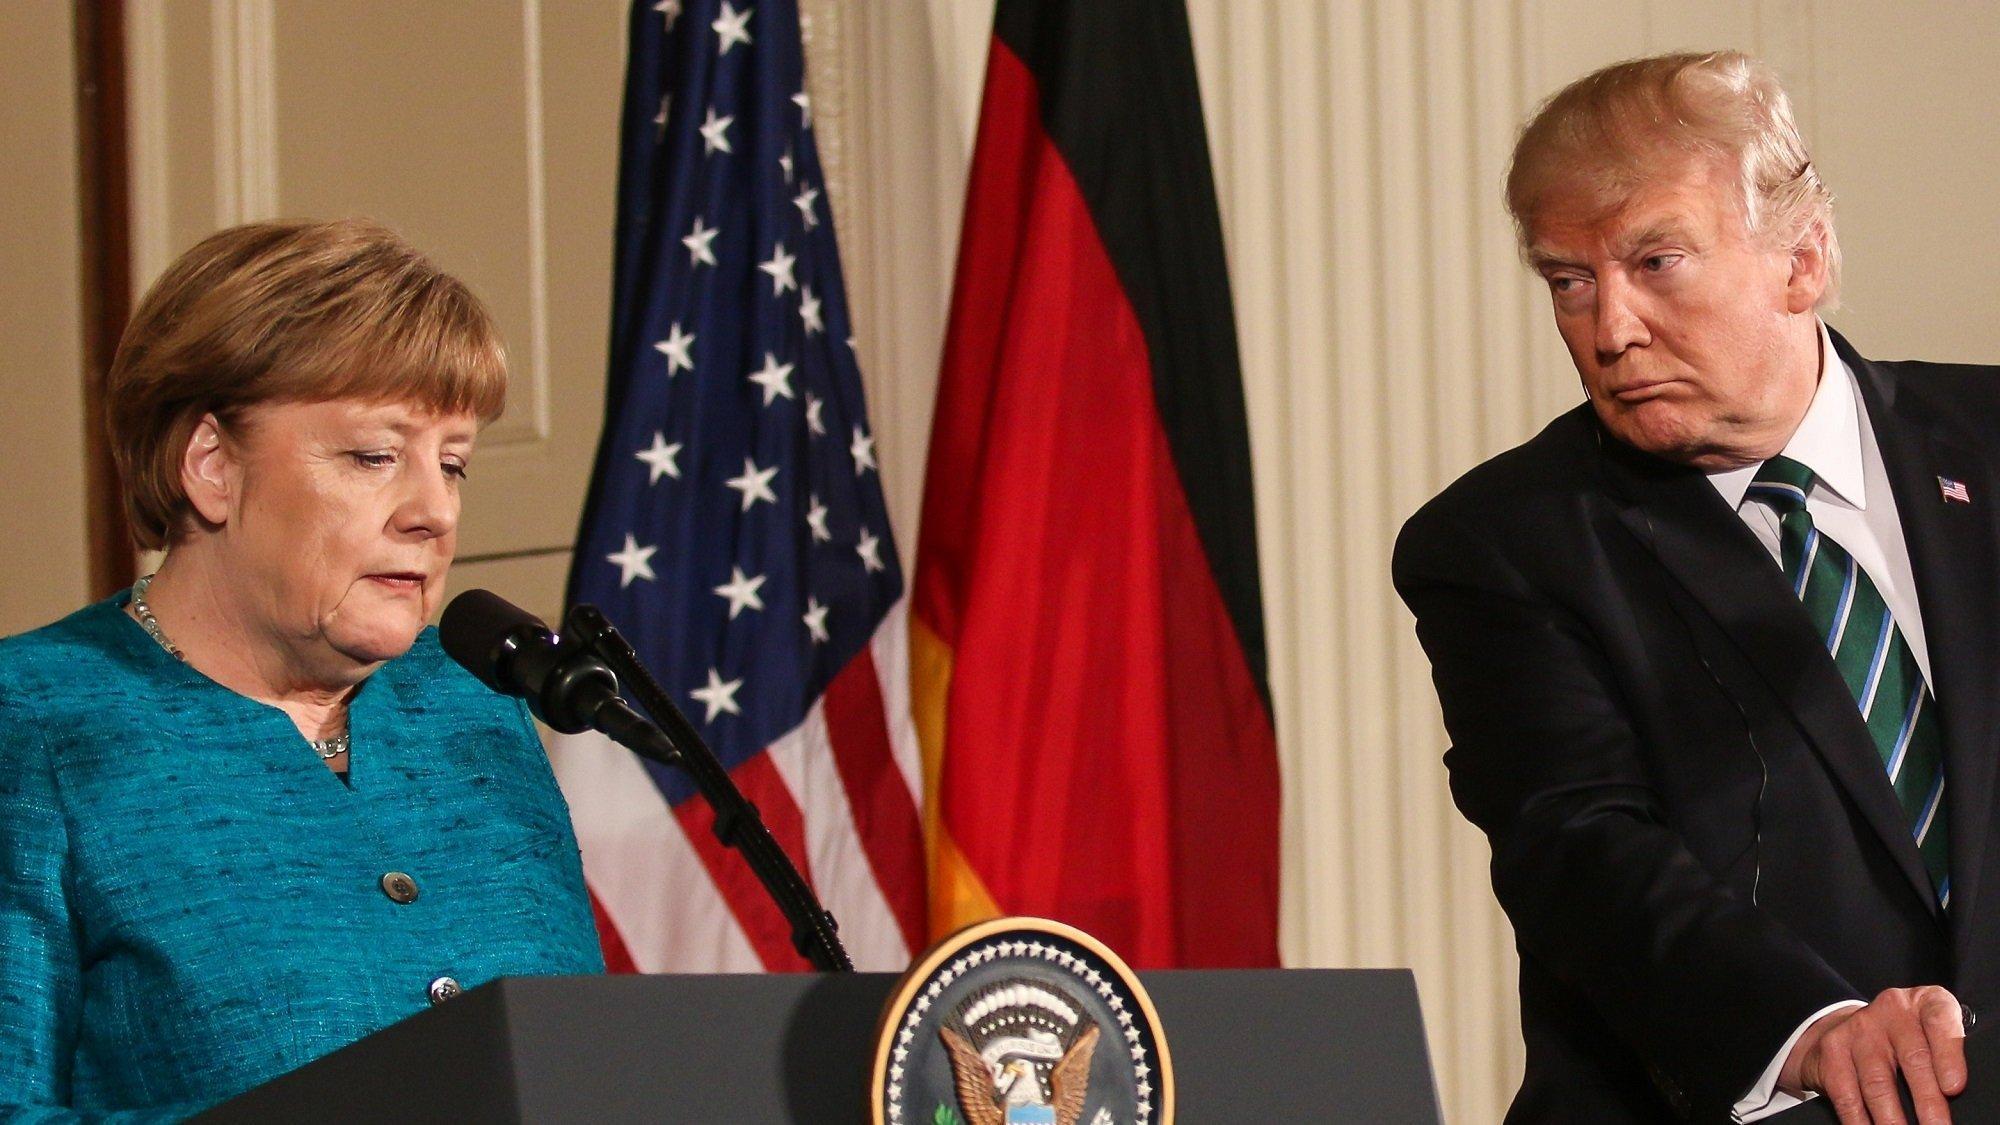 Angela Merkel und Donald Trump stehen nebeneinander bei einer Pressekonferenz. Trump schaut Merkel skeptisch an.